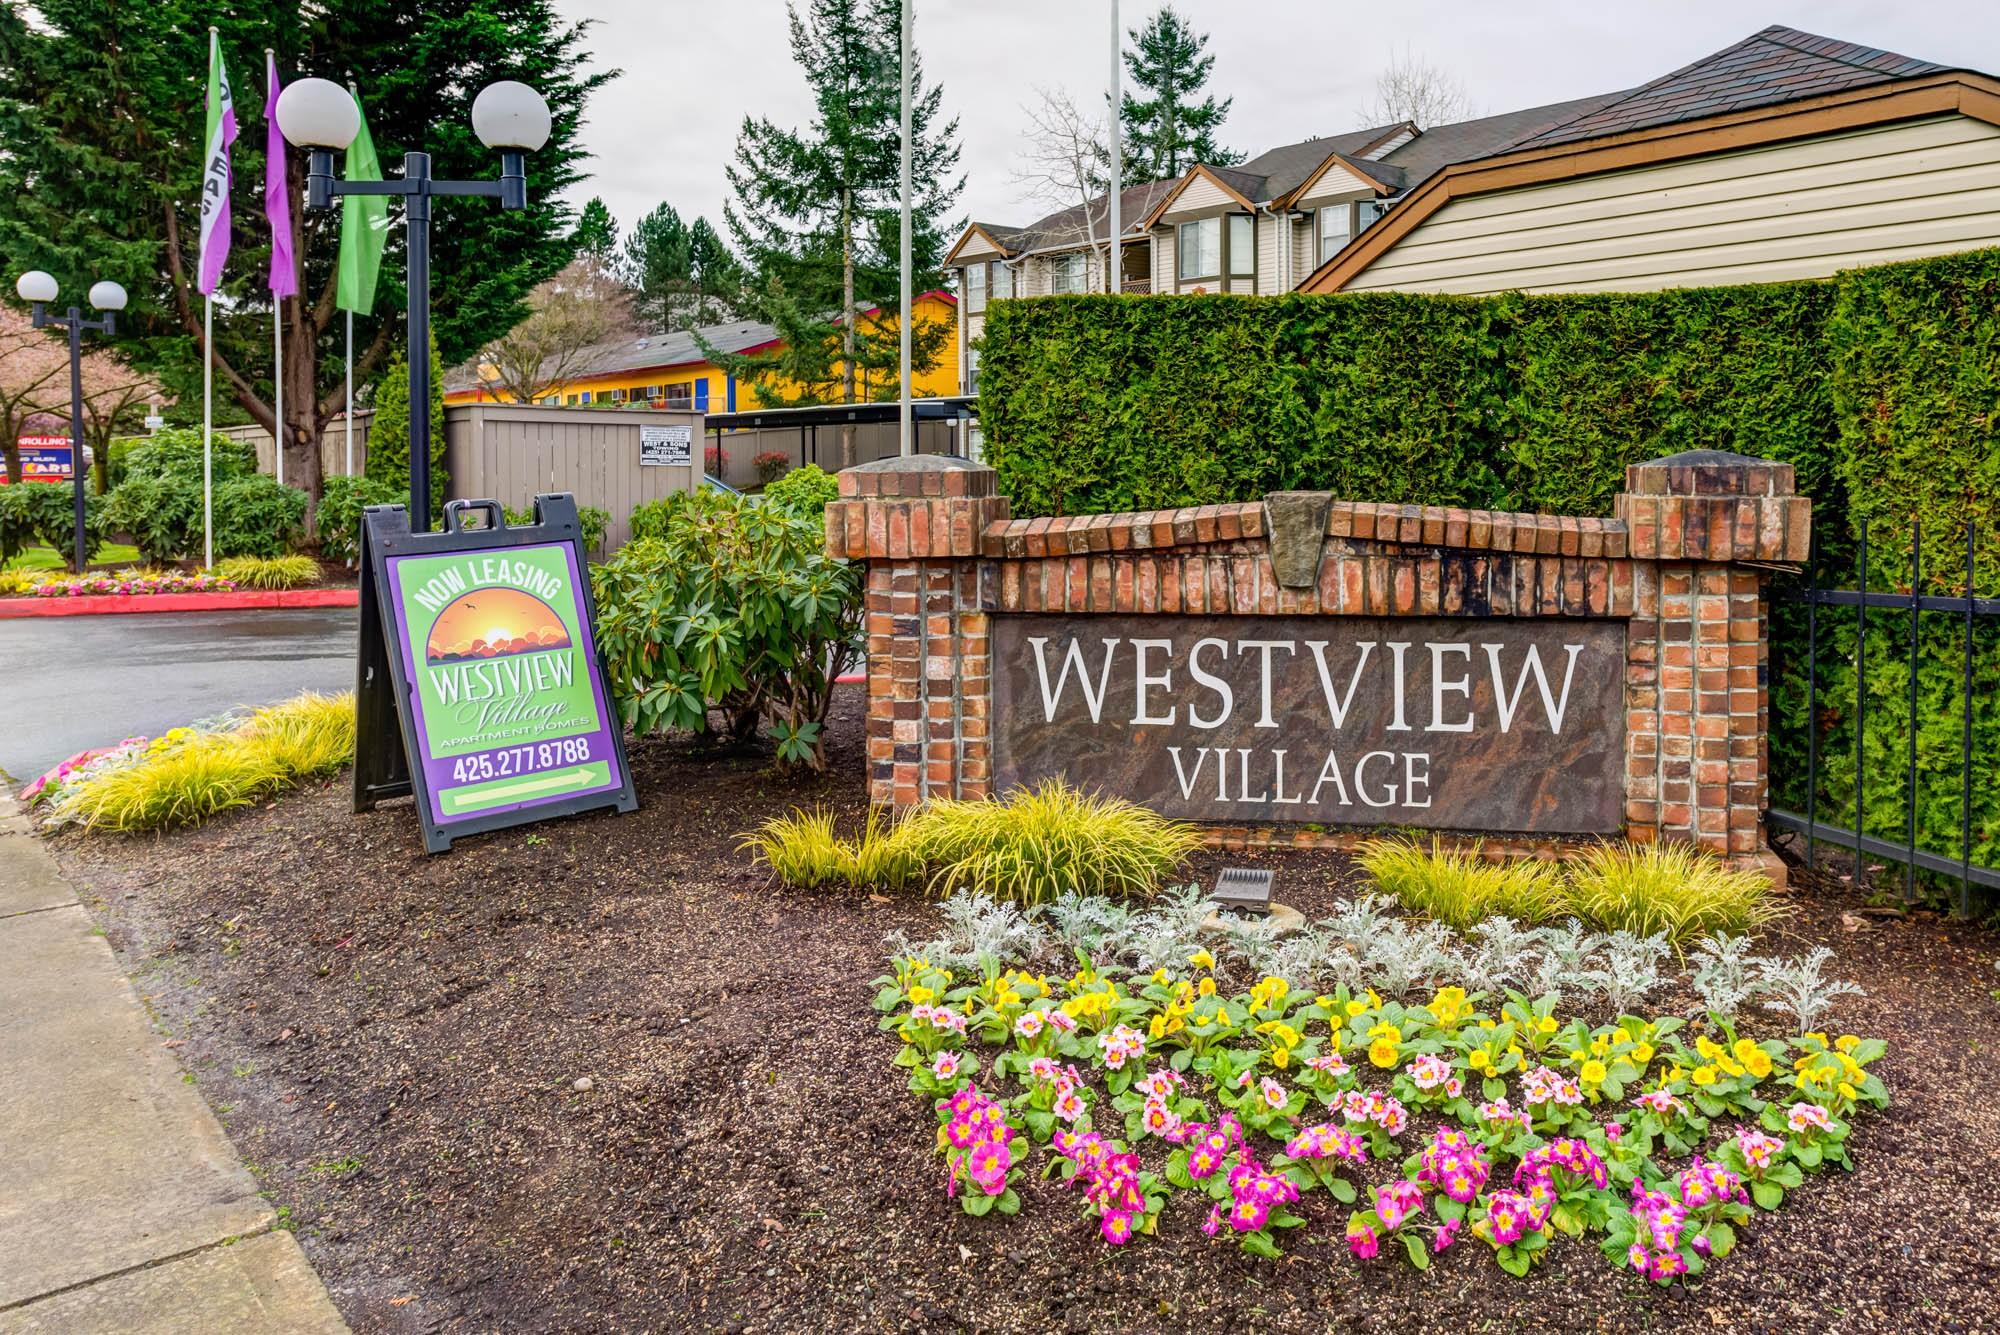 Westview Village